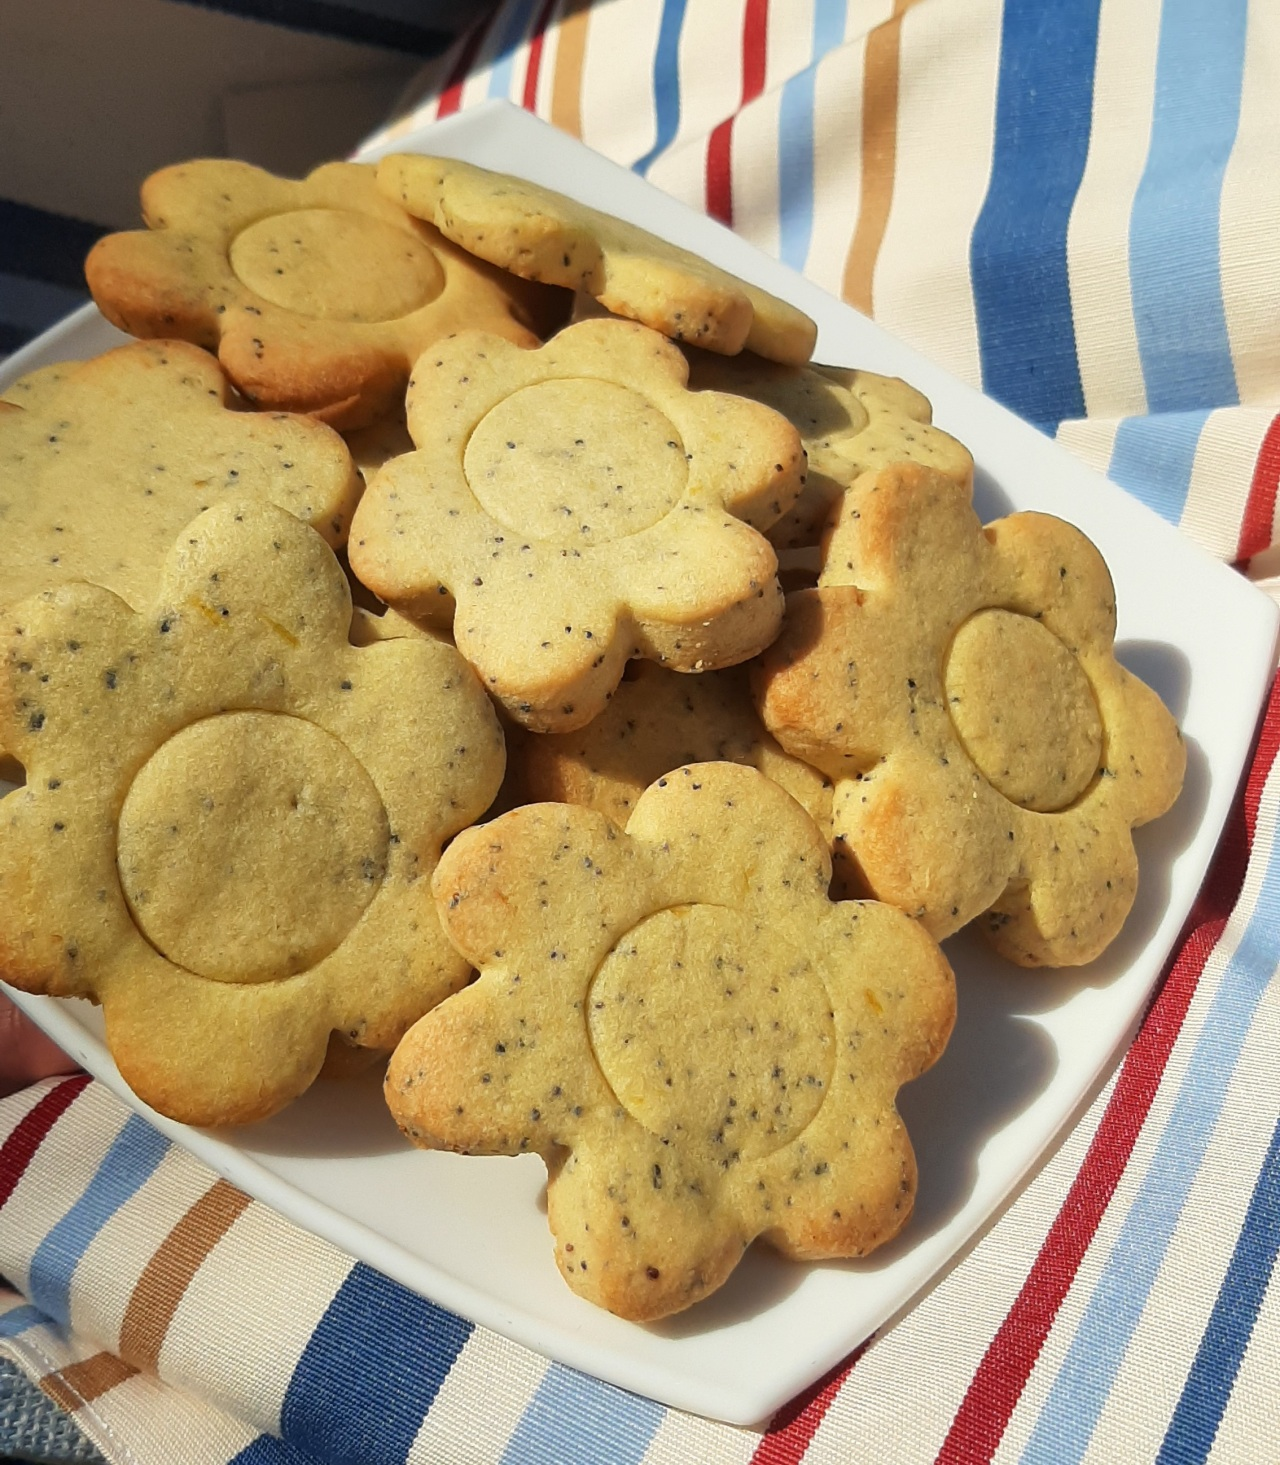 Lemon and Poppy seedcookies